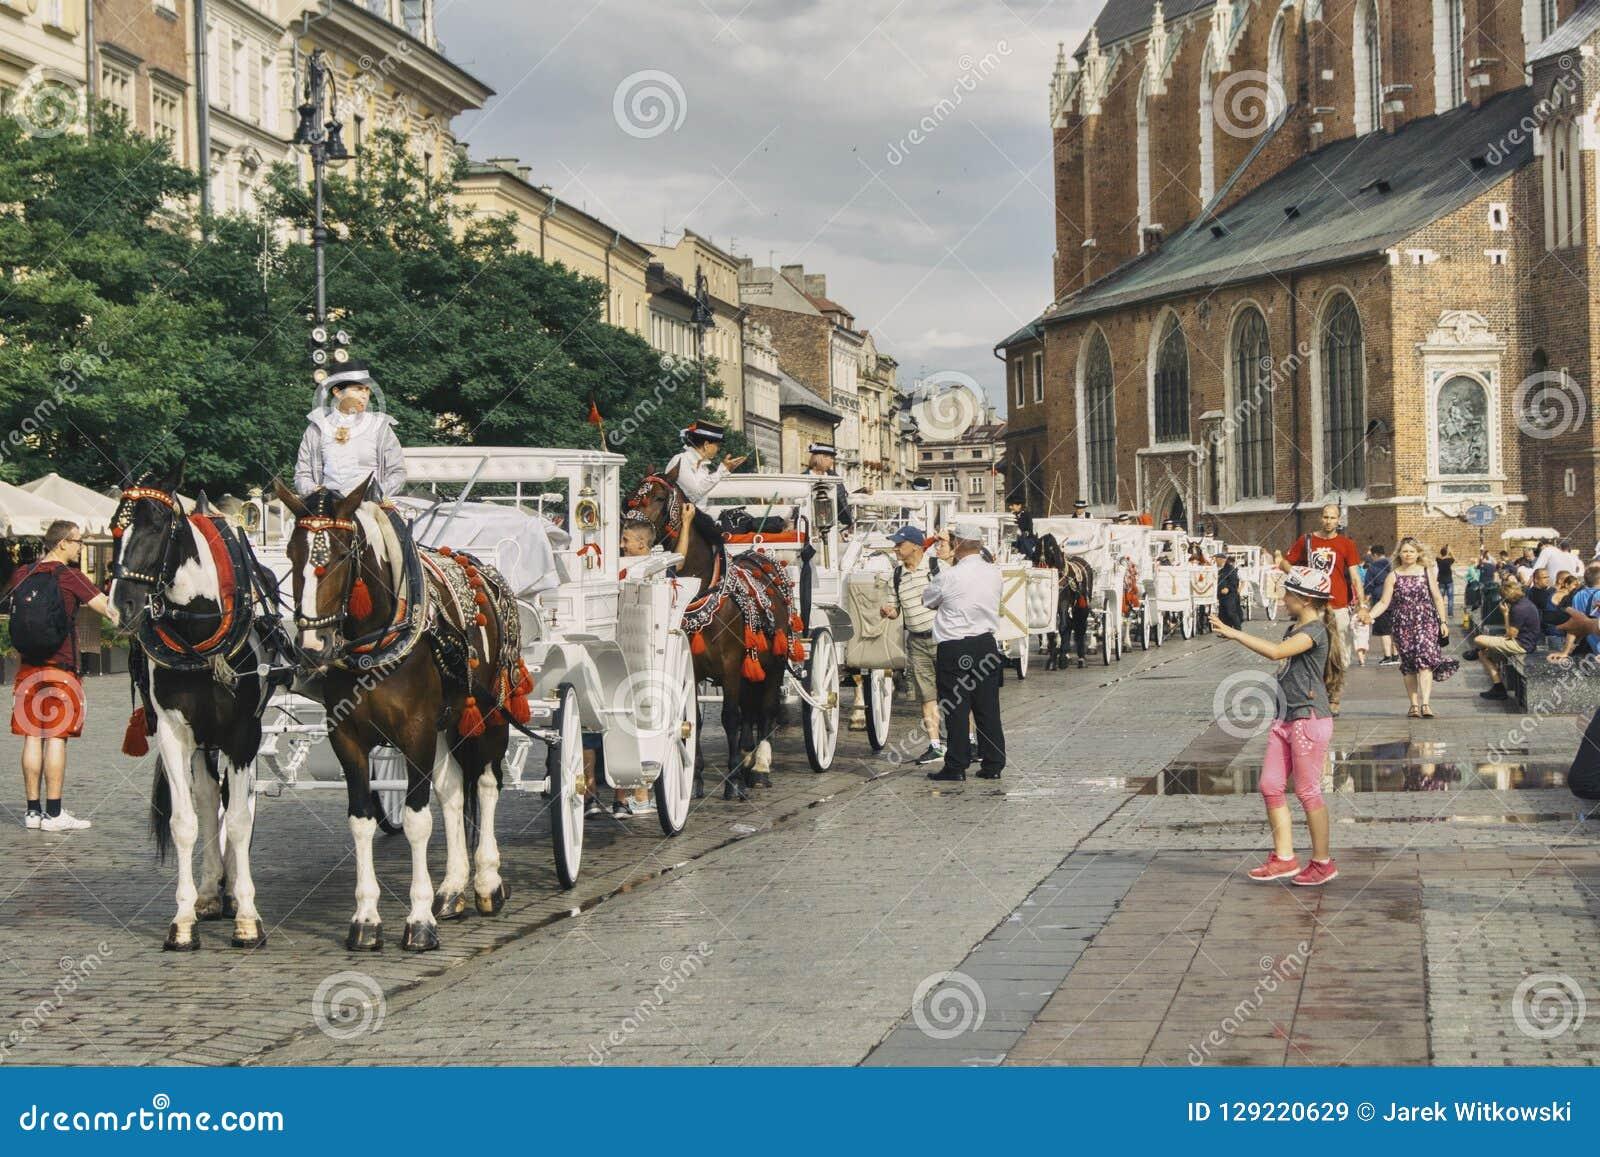 Weiße Fahrerhäuser für das Transportieren von Touristen in Krakau